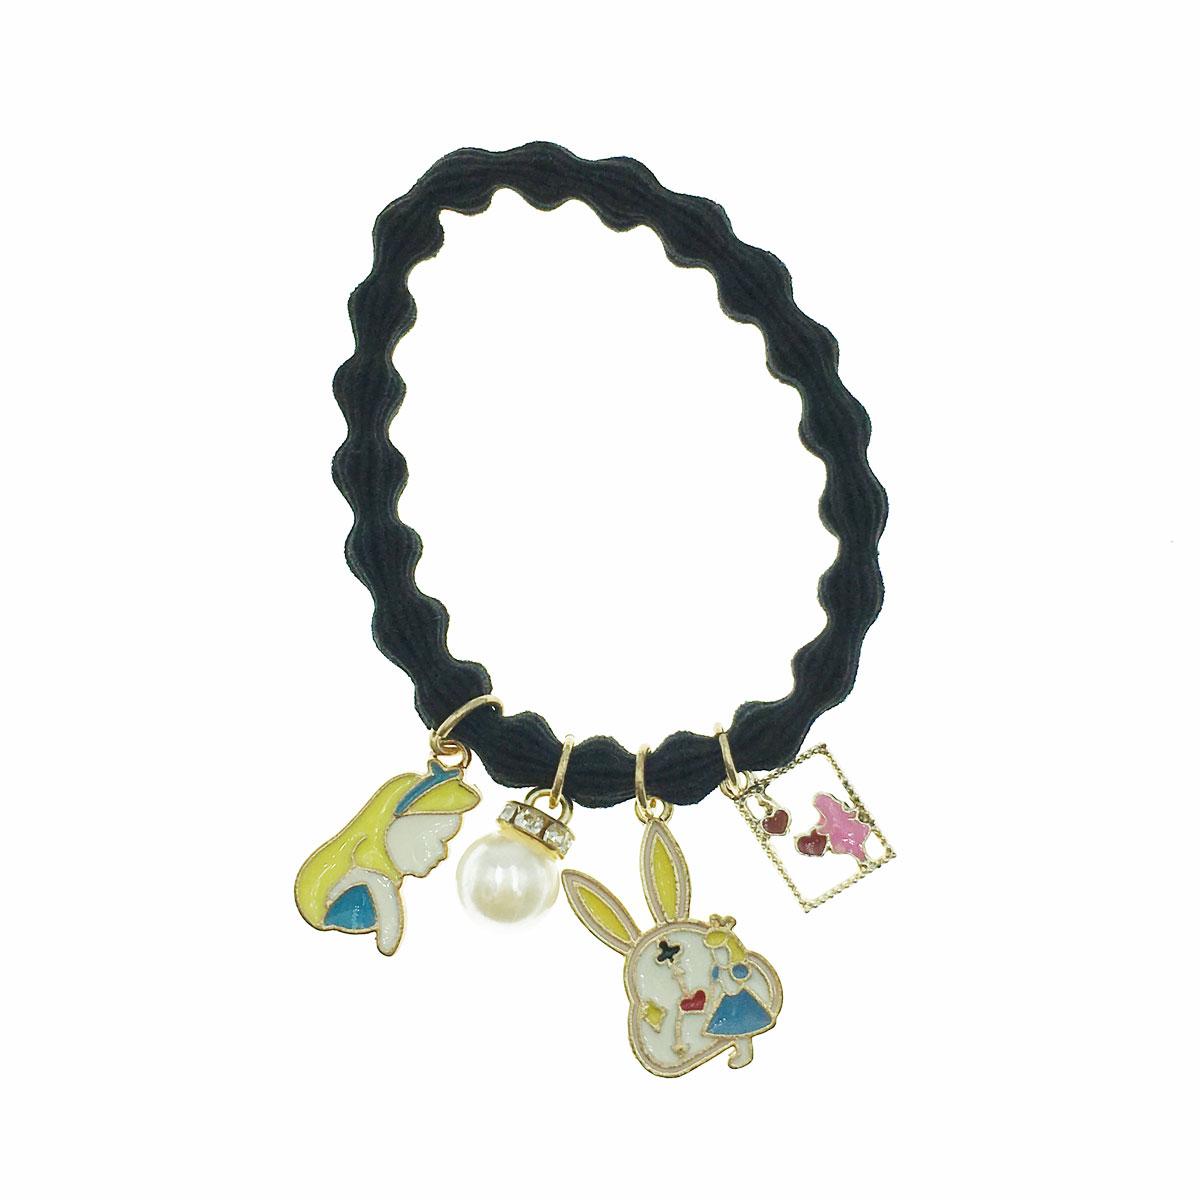 韓國 兔子 時鐘 簍空 珍珠 水鑽 愛麗絲 愛心 髮束 髮圈 髮飾